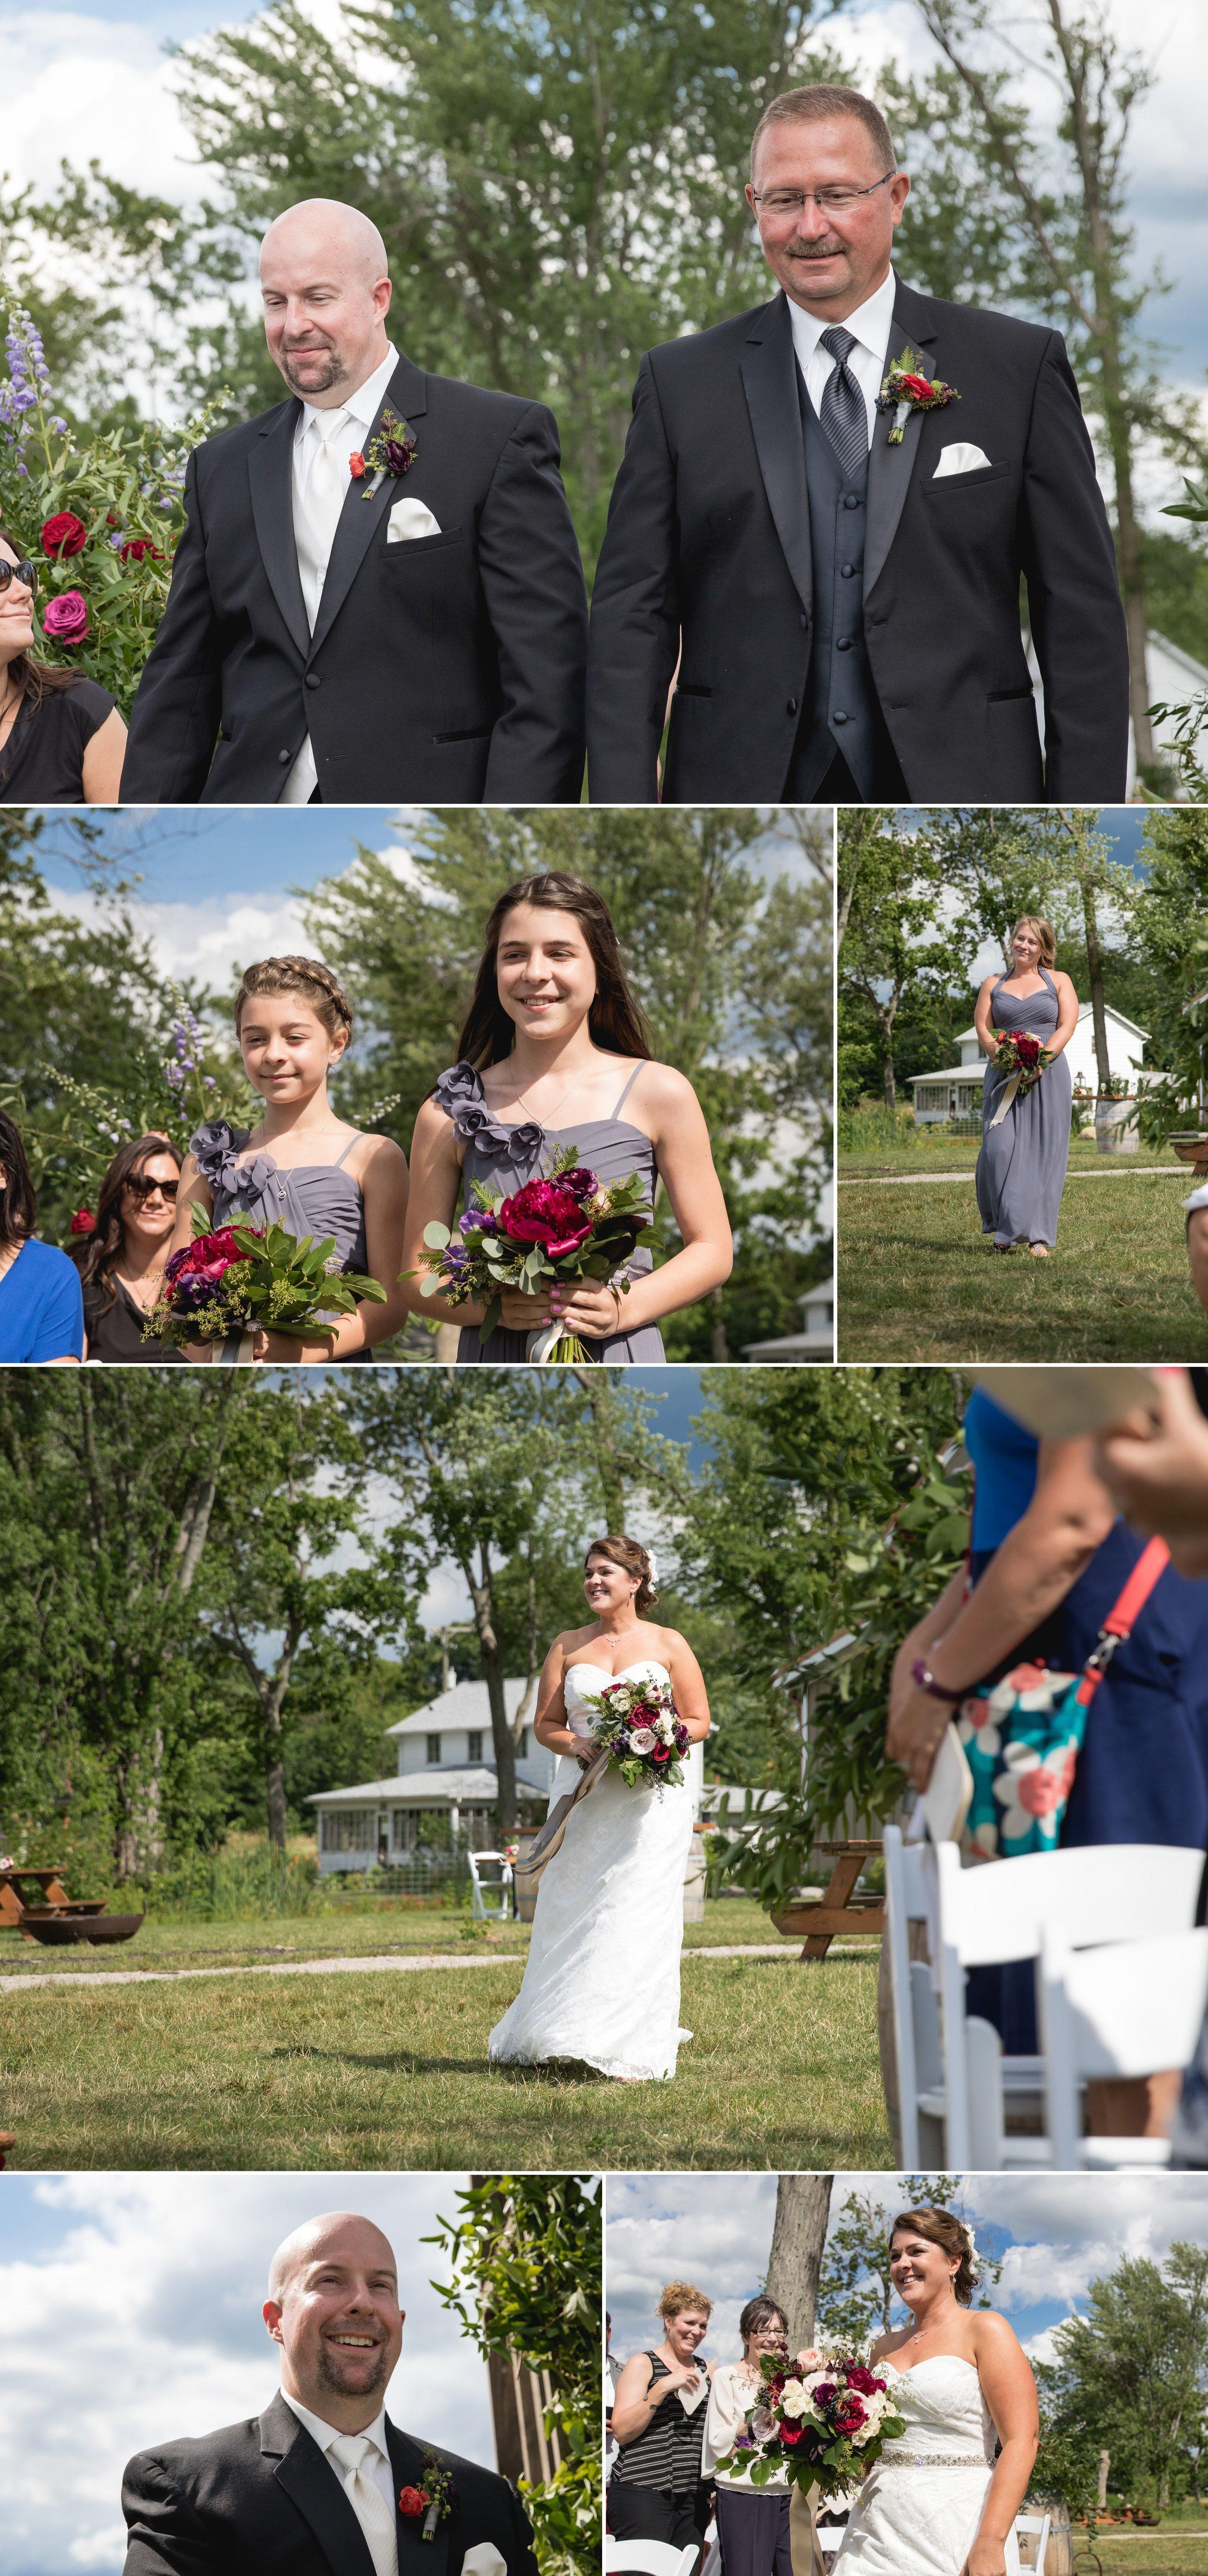 012-Buckeye-lake-winery-wedding-ceremony-columbus-ohio-wedding-photography-muschlitz-photography-02.JPG